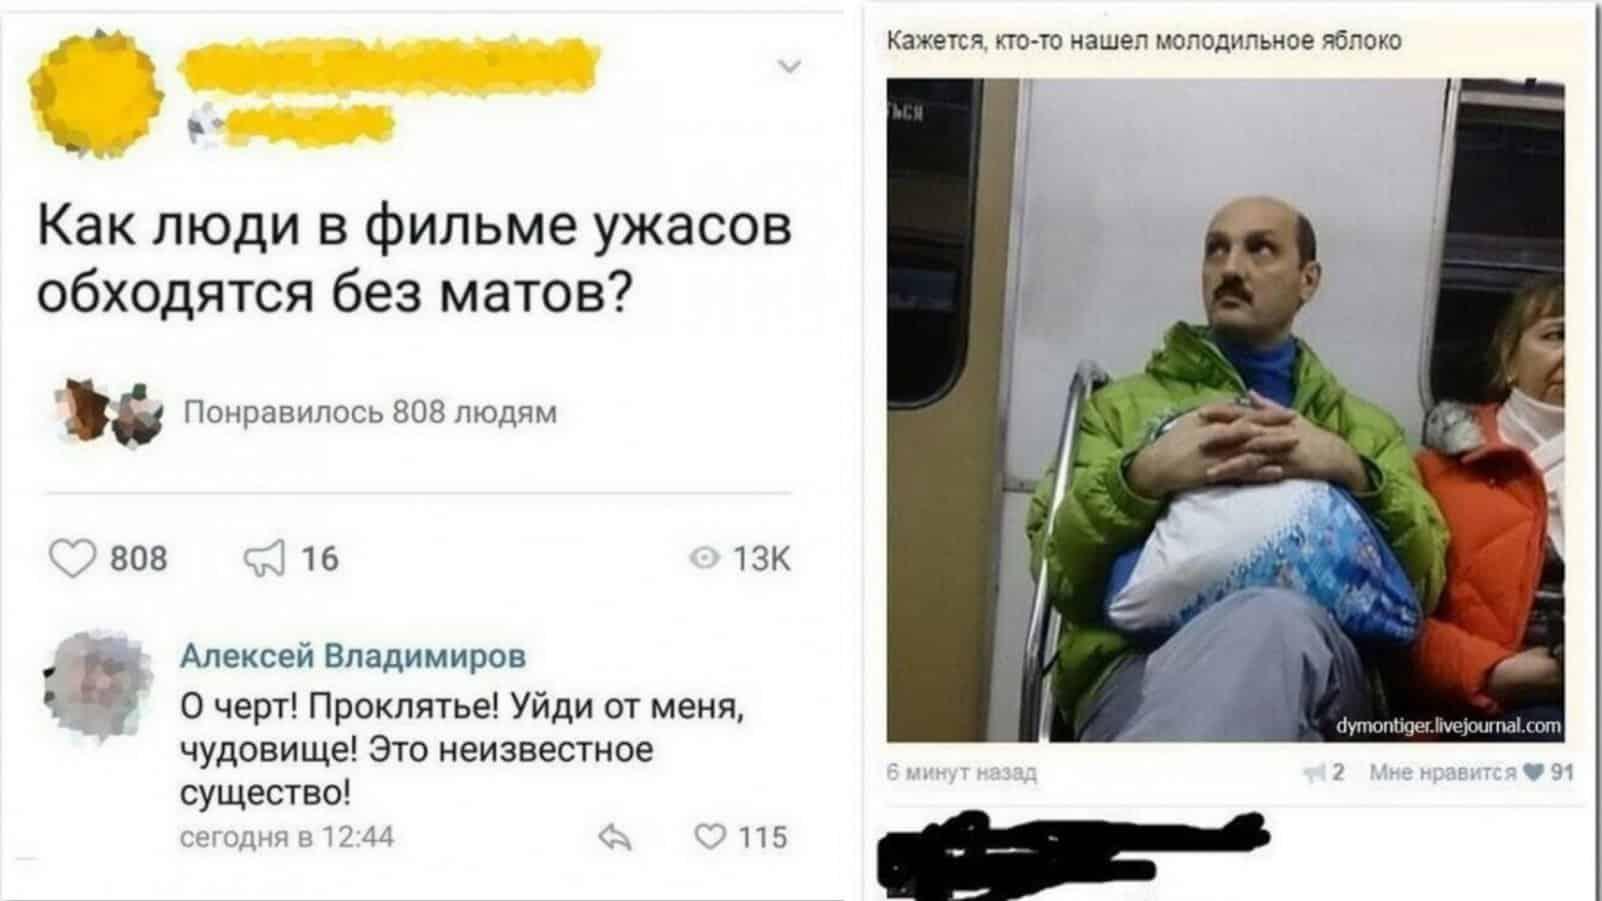 Молодой Лукашенко, фильмы ужасов и другие смешные комментарии к постам в интернете